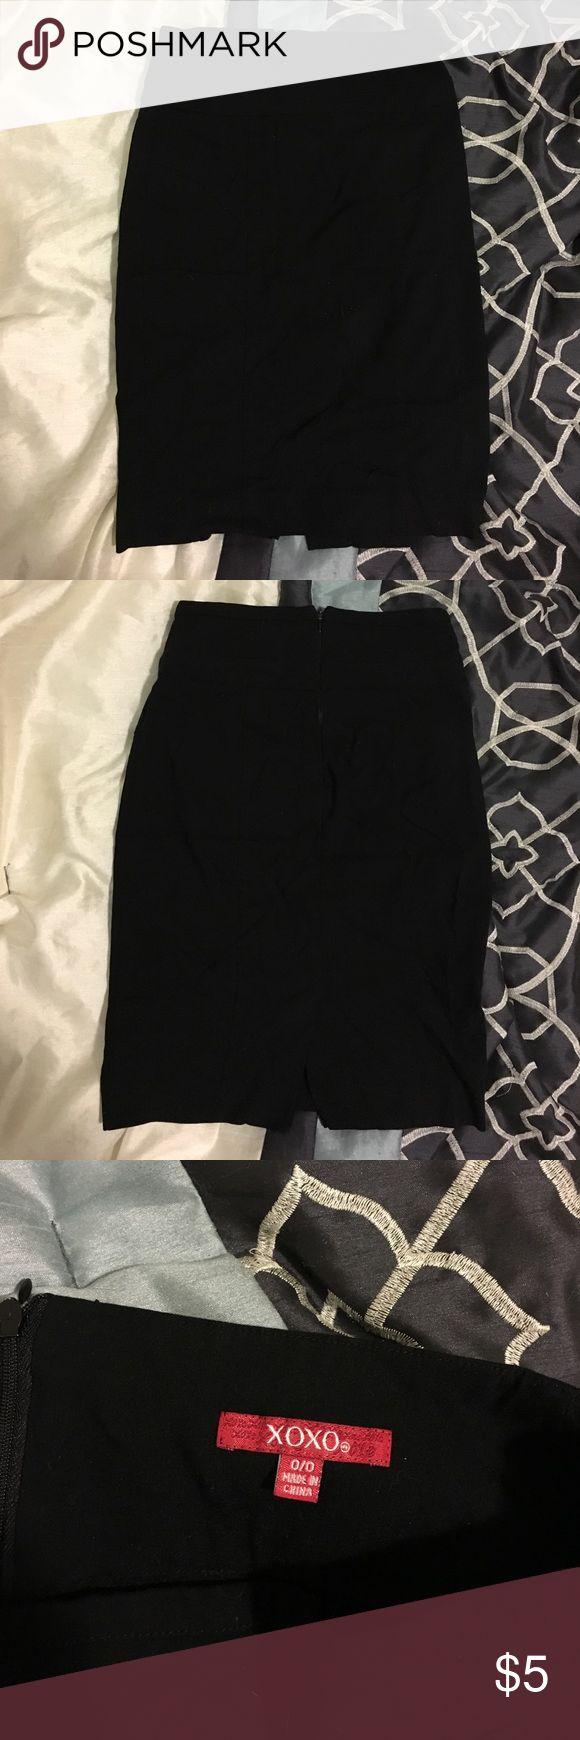 Black Pencil Skirt Professional looking, sleek, black pencil skirt. Only worn once. XOXO Skirts Pencil